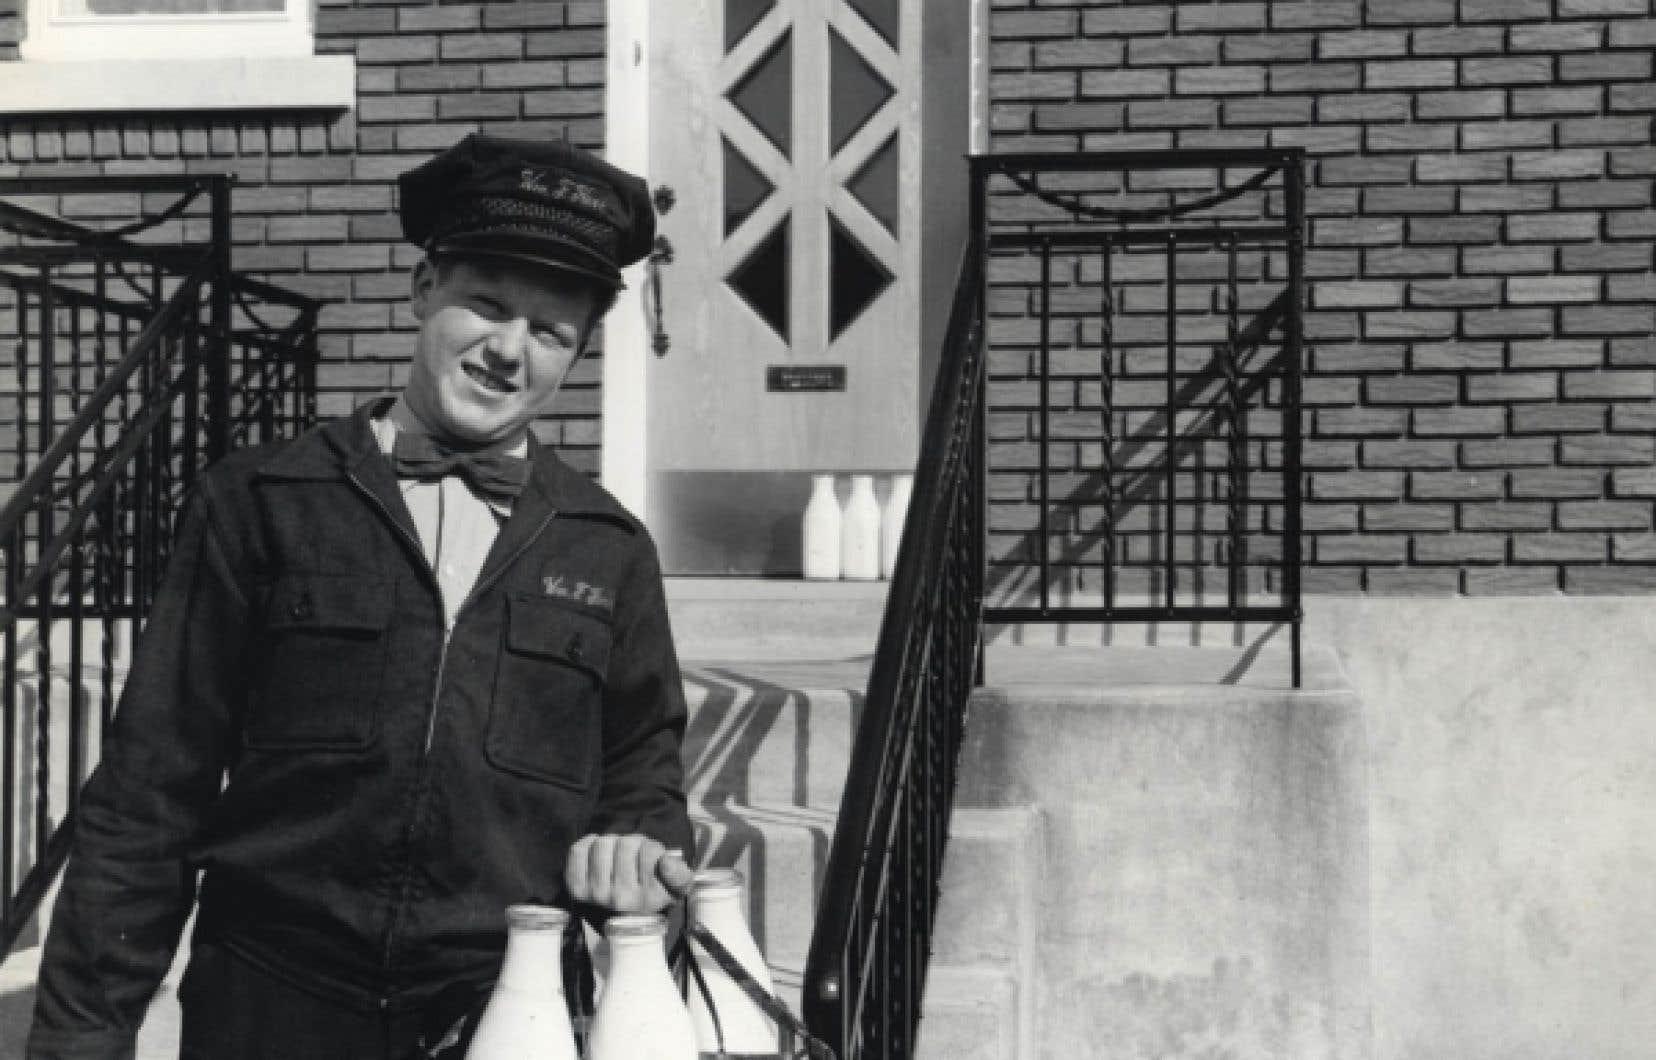 Le laitier William J. Kerr, devant une résidence d'Ahuntsic. L'Écomusée a recueilli le témoignage de M. Kerr dans une vidéo diffusée dans l'exposition. <br />